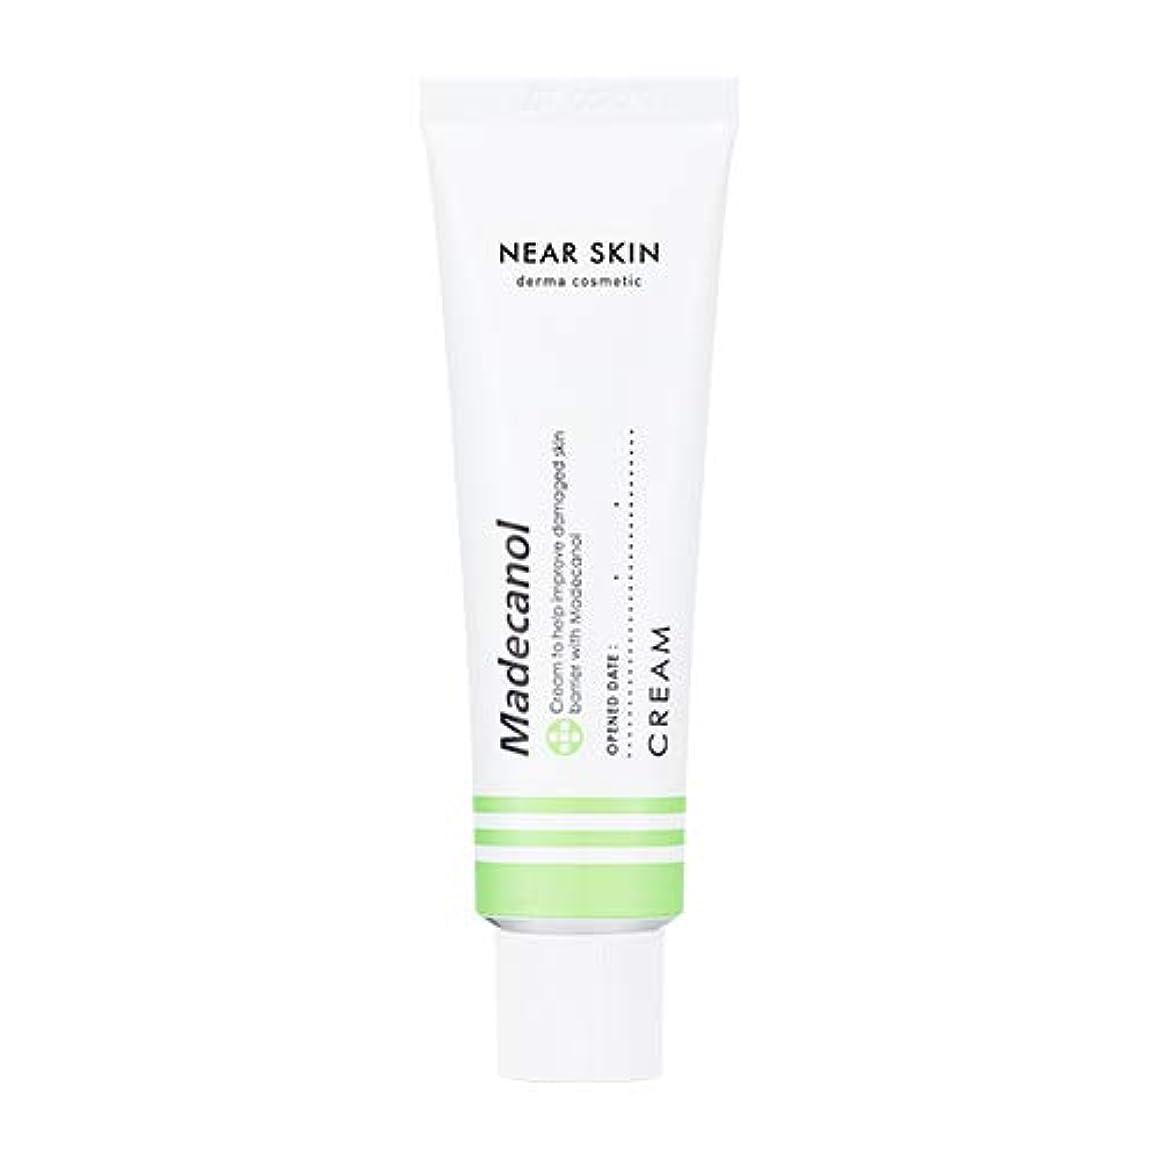 プロット失うデンプシーミシャ ニアスキンマデカノールクリーム/MISSHA NEAR SKIN Madecanol Cream 50ml [並行輸入品]